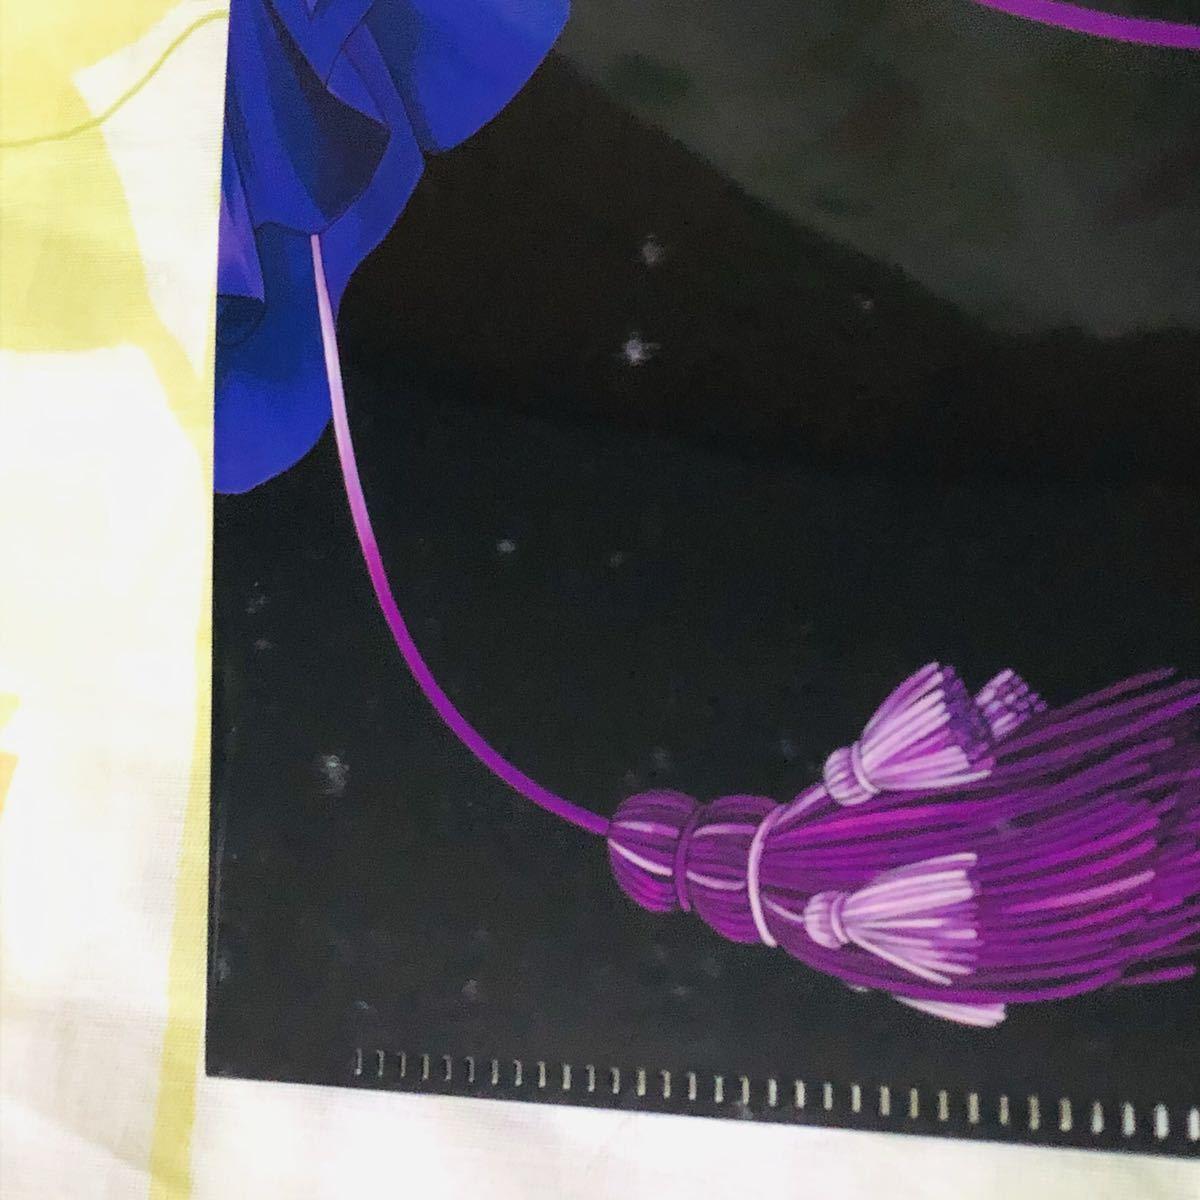 TAROT -ENIE- MAYA TAKAMURA クリアファイル 2枚セット ENIE 女教皇&月 タロット 高村真耶 コトブキヤ_画像7